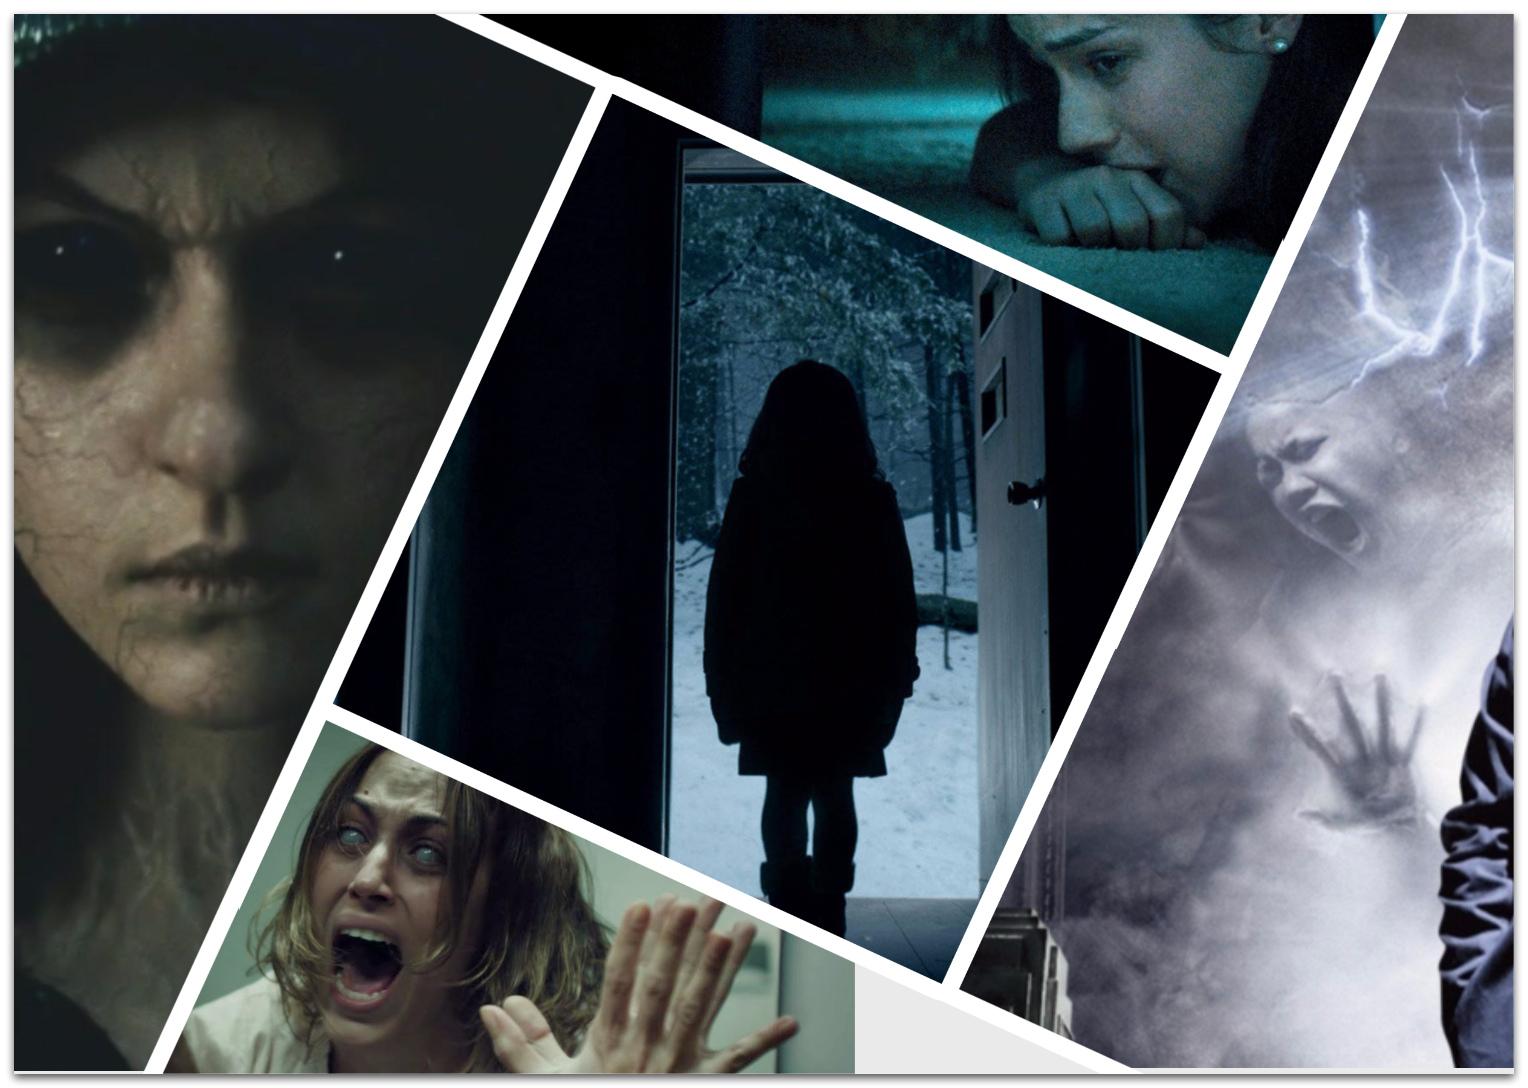 Suspenseful Thriller Trailer - 1